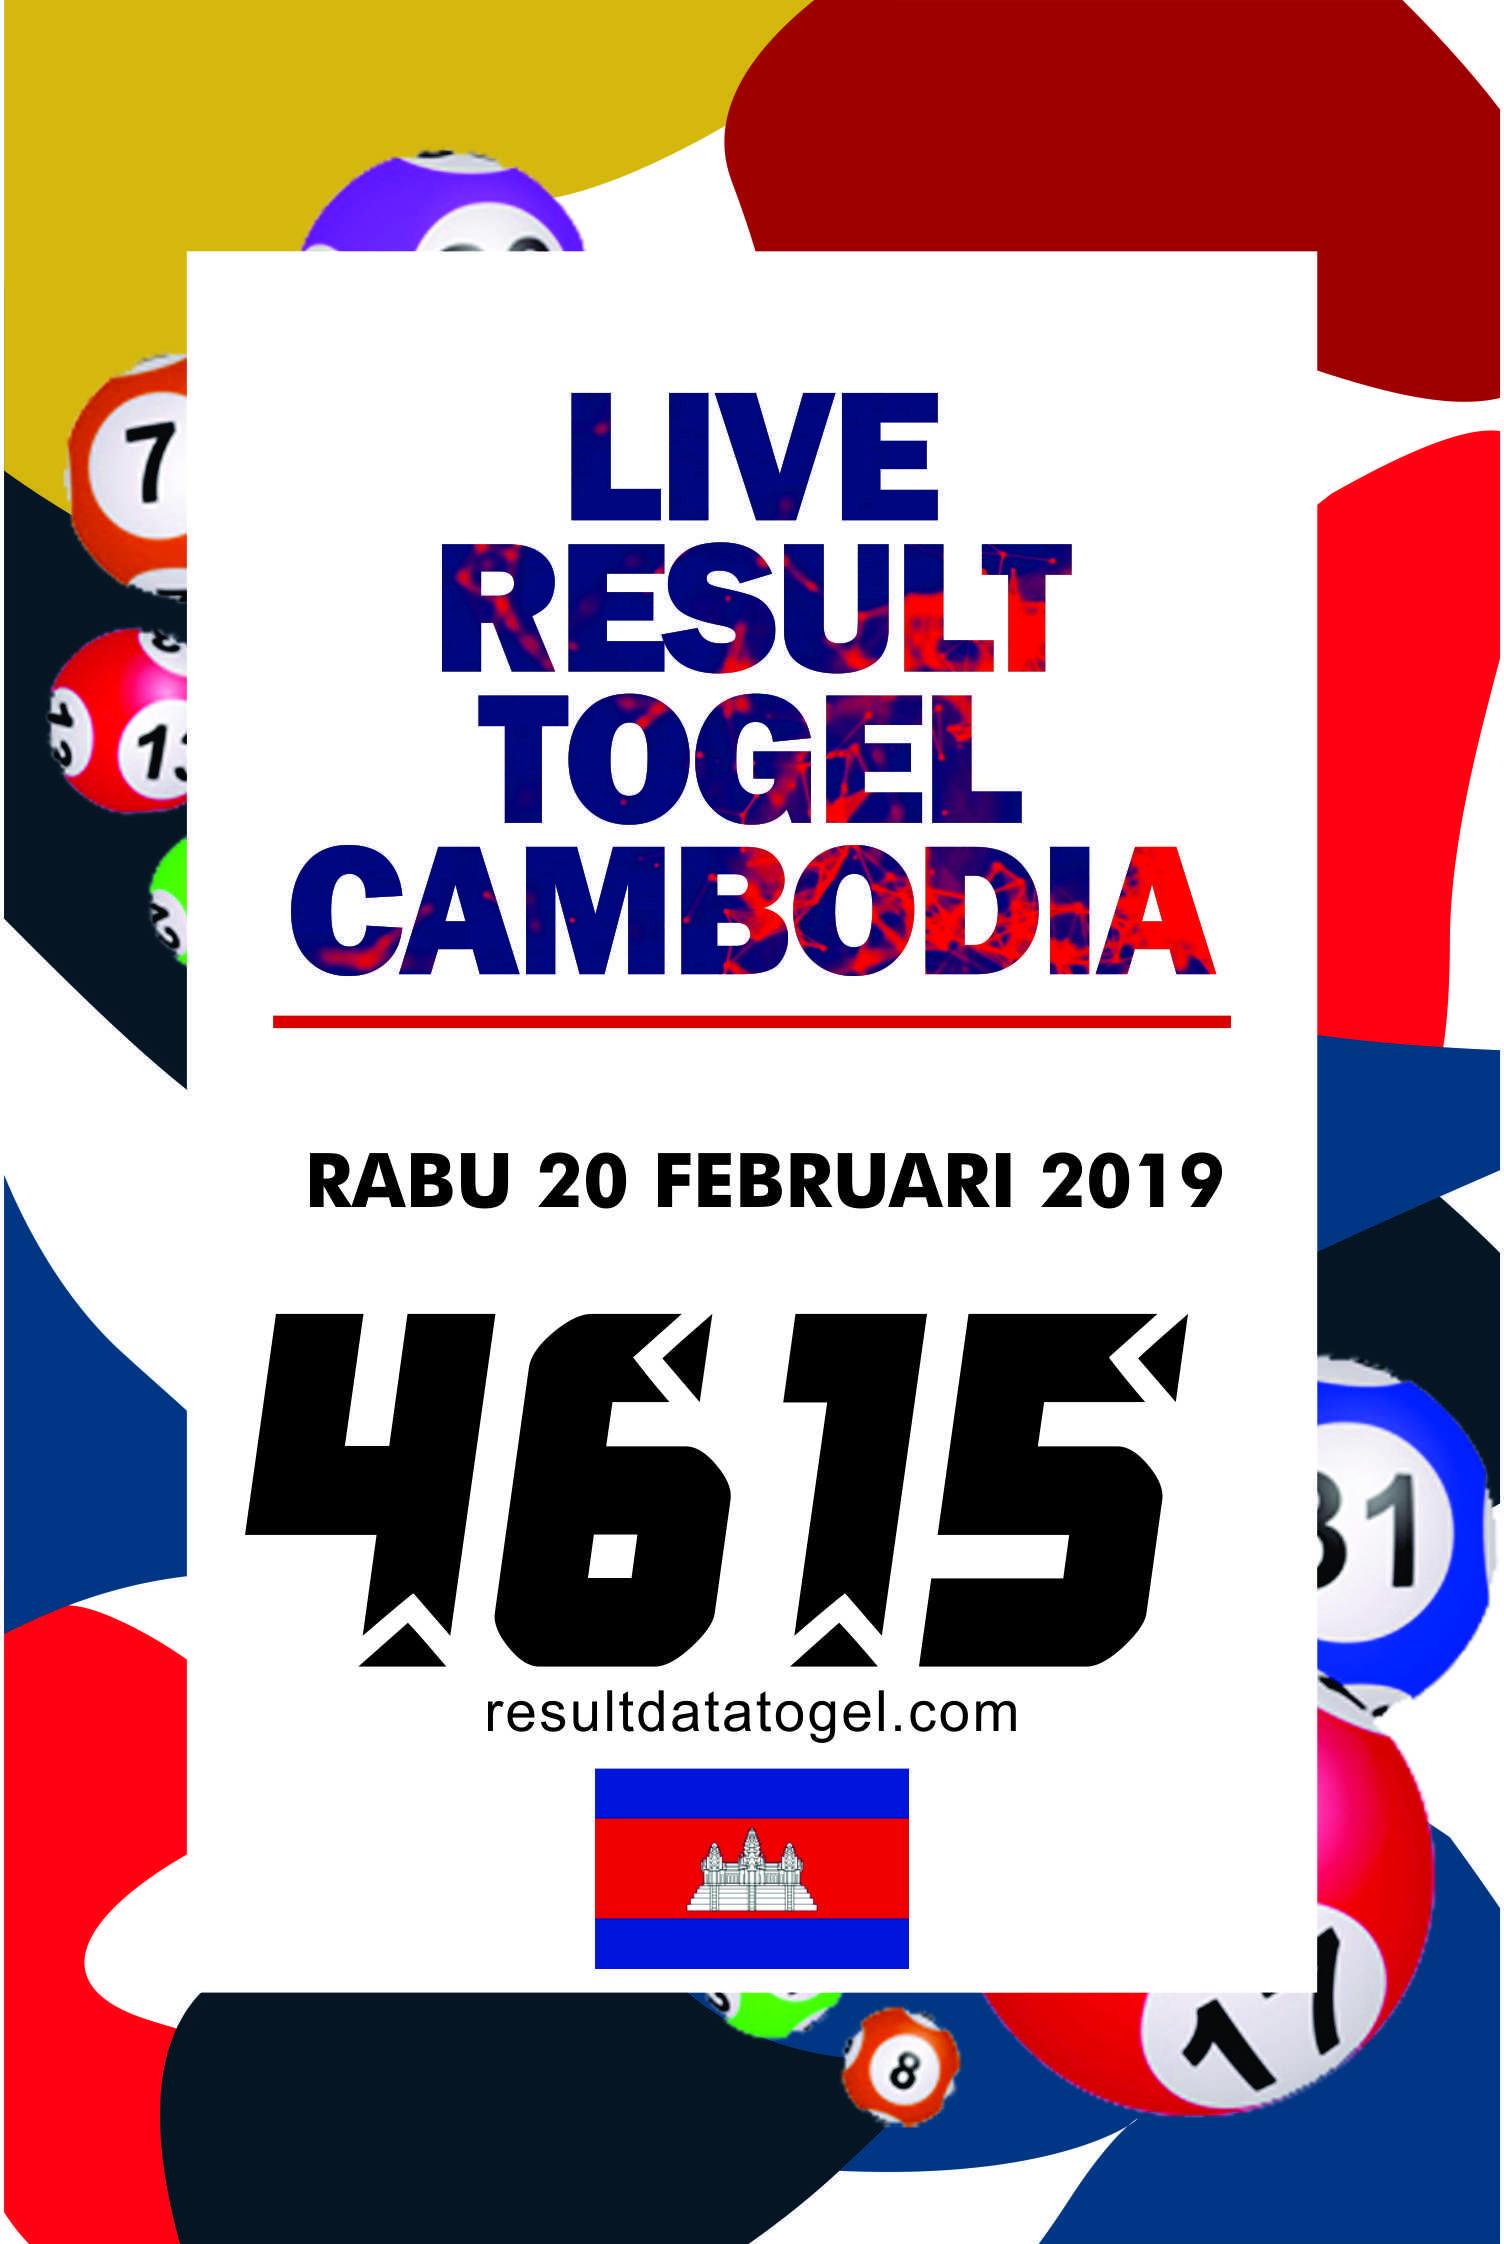 Prediksi Cambodia Jitu Dan Akurat : prediksi, cambodia, akurat, Pengeluaran, Togel, Kamboja